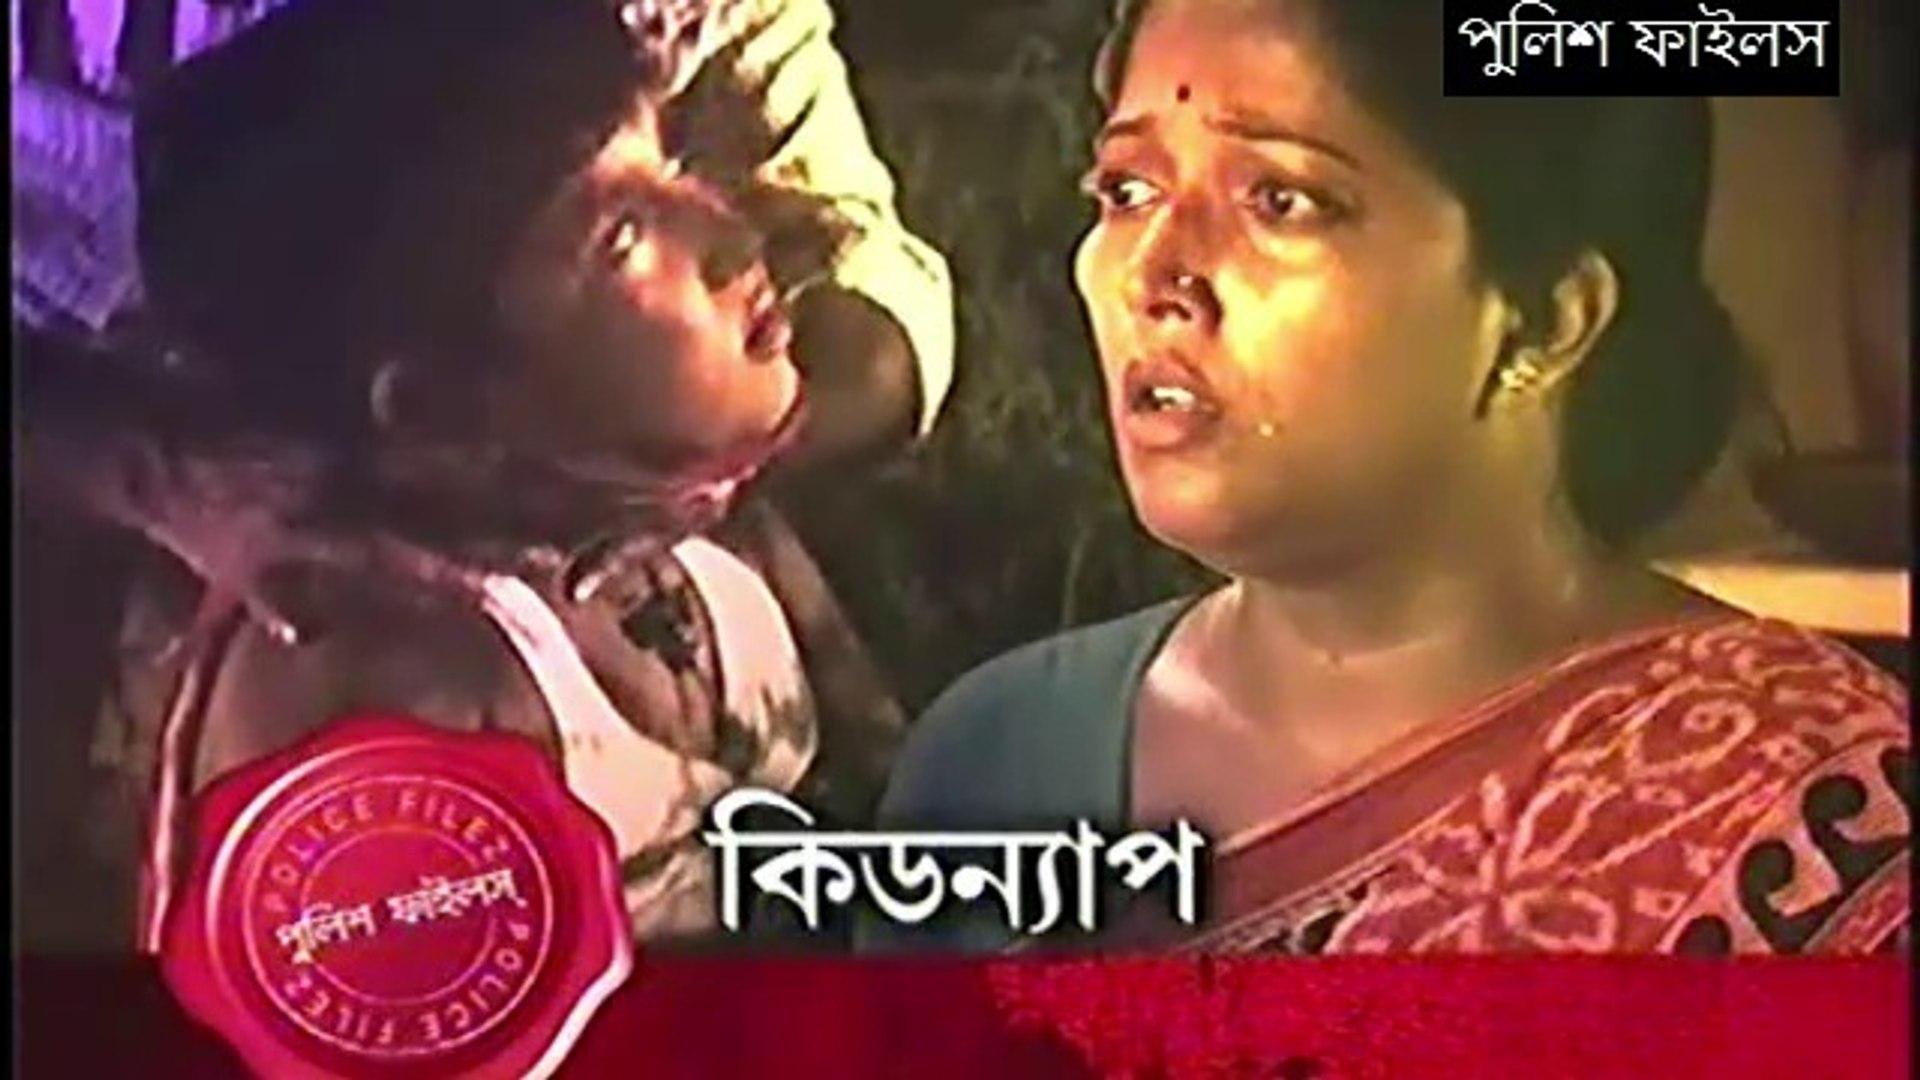 কিডন্যাপ পুলিশ ফাইল নতুন পর্ব Kidnape Police Files Bangla New Episode